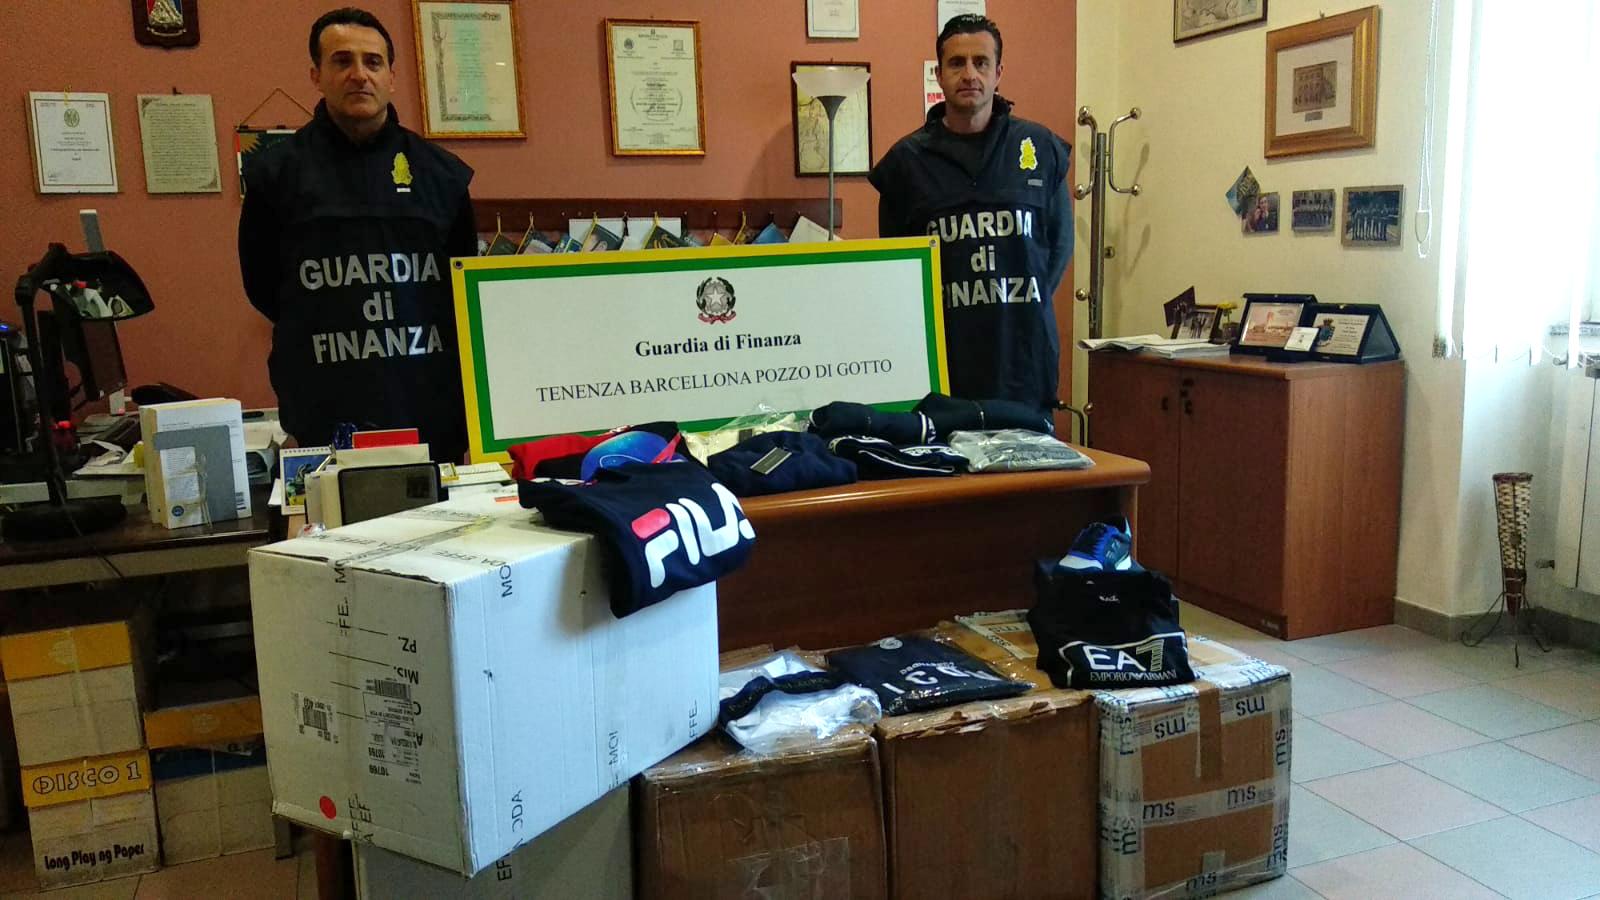 Capi contraffatti e manodopera irregolare, sequestro in noto centro commerciale